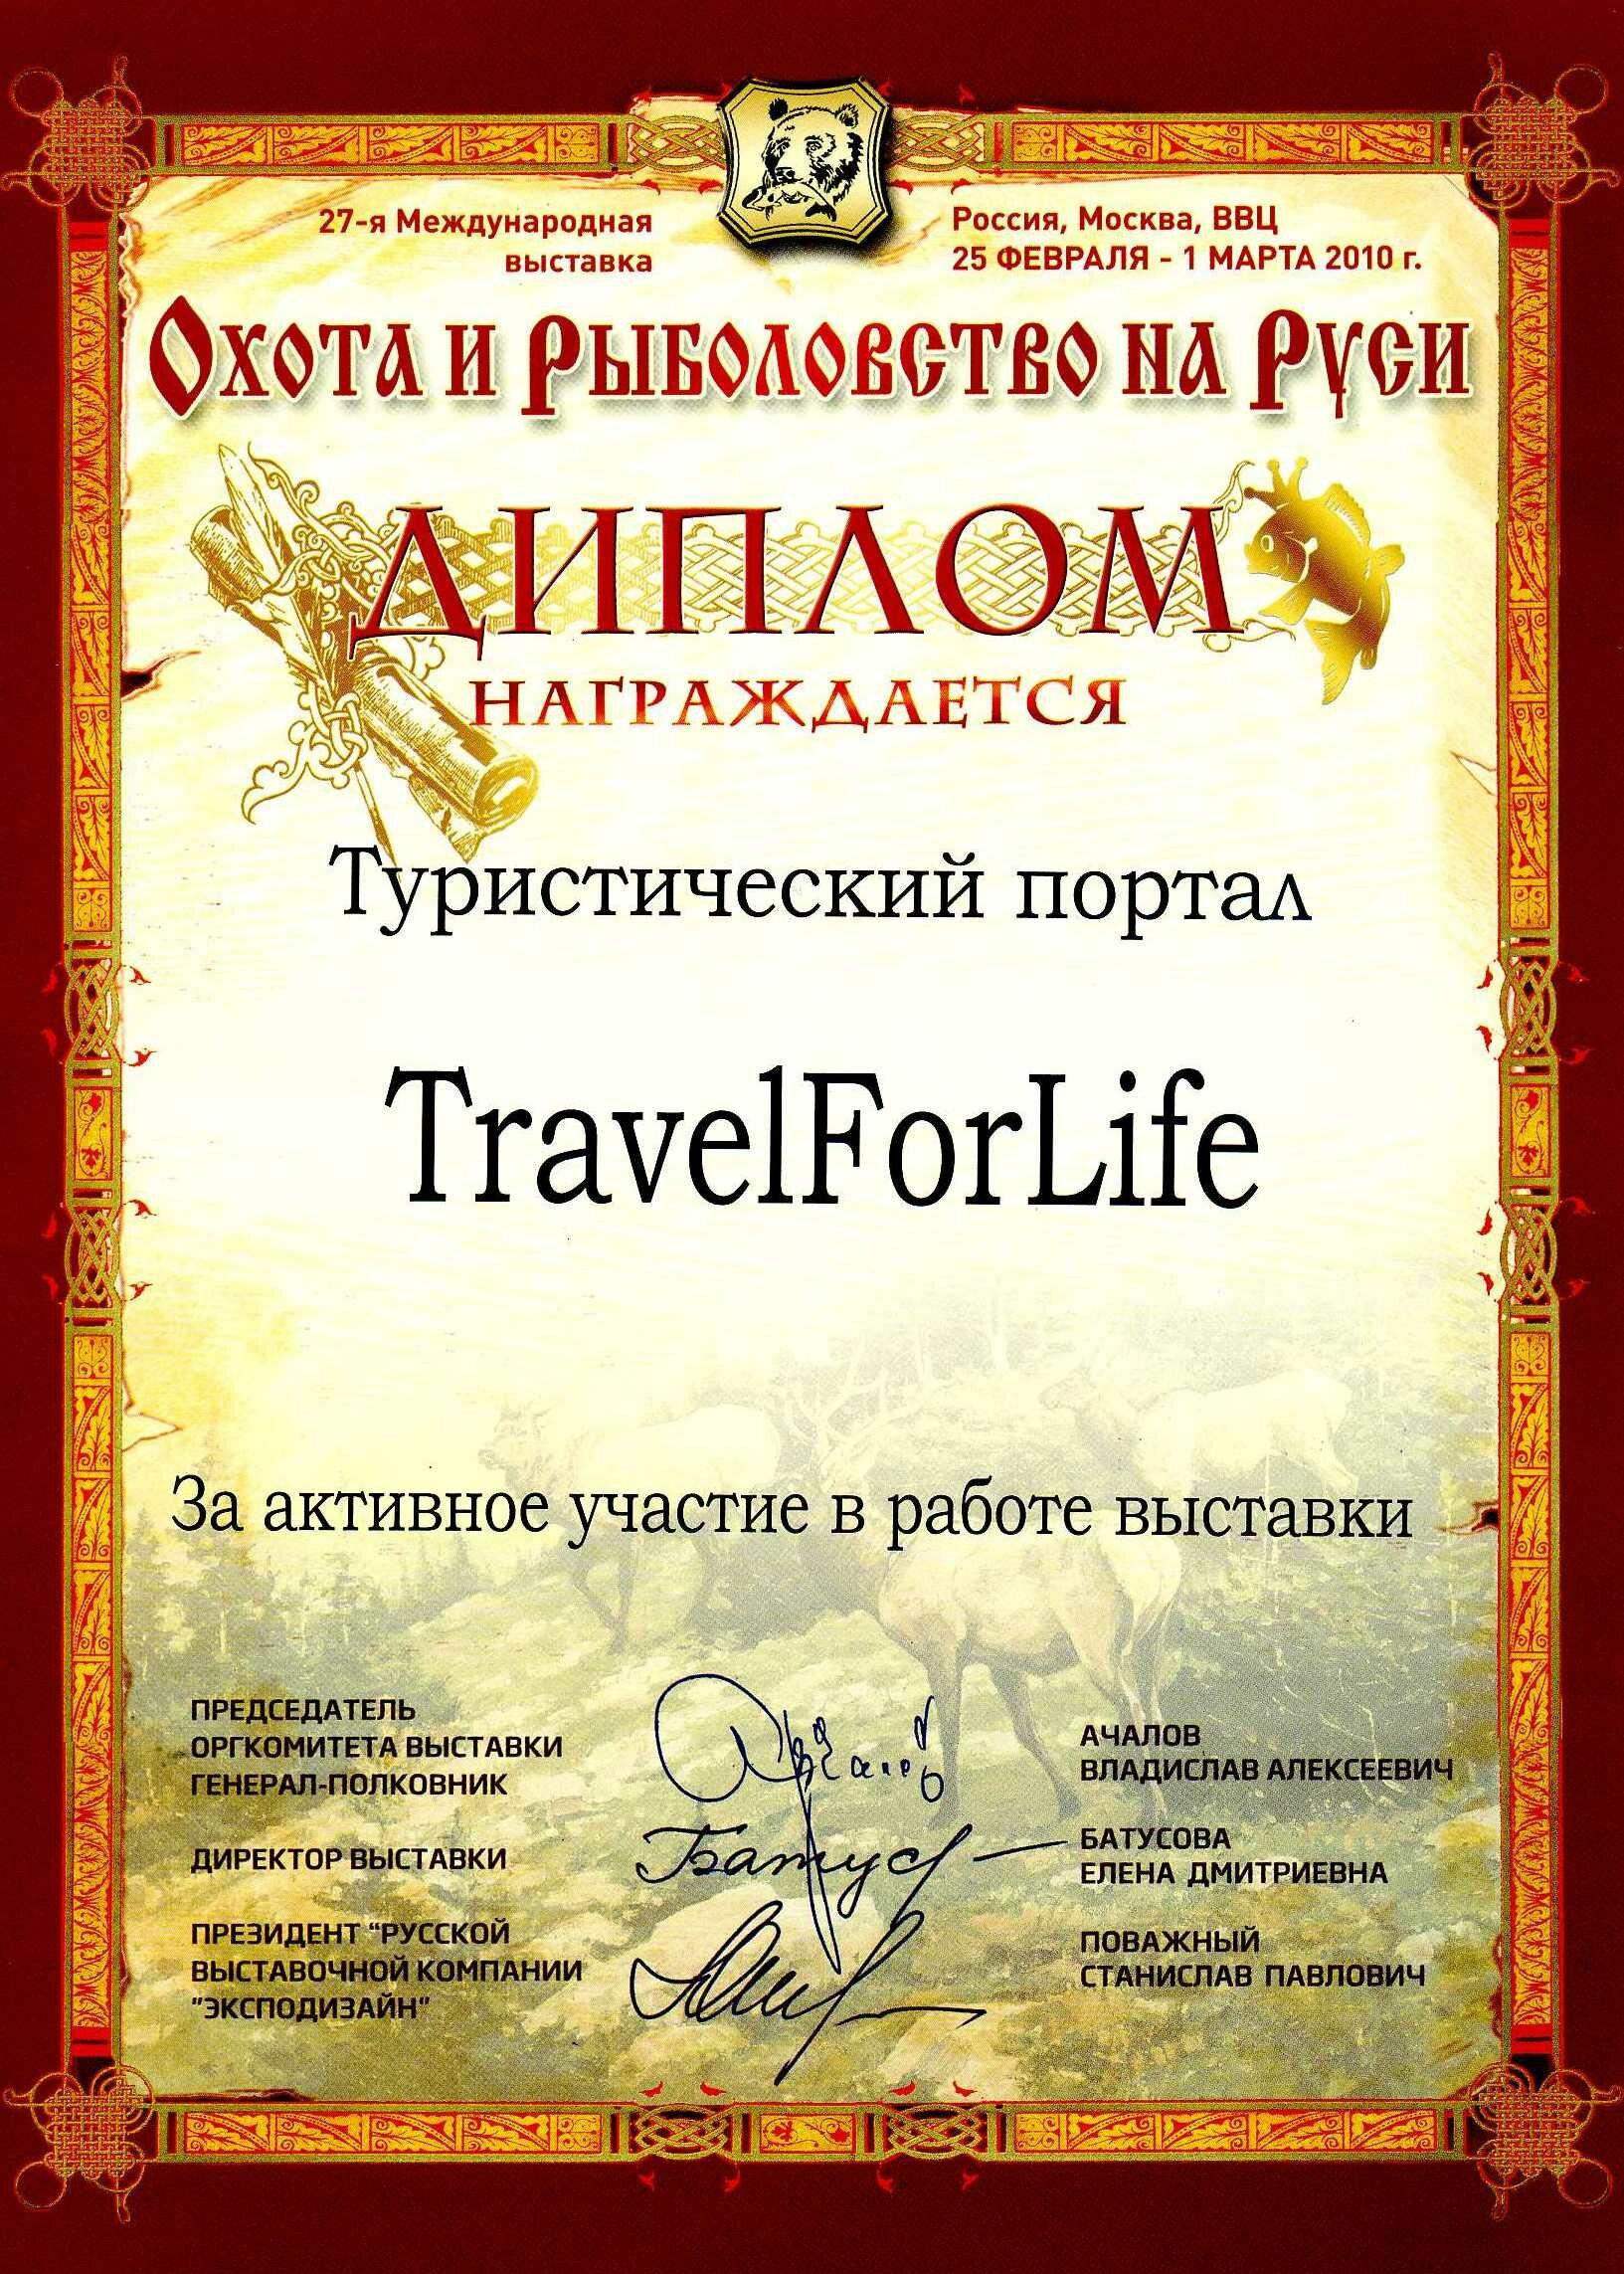 Наши награды Диплом за активное участие в работе 27 ой Международной выставки Охота и Рыболовство на Руси